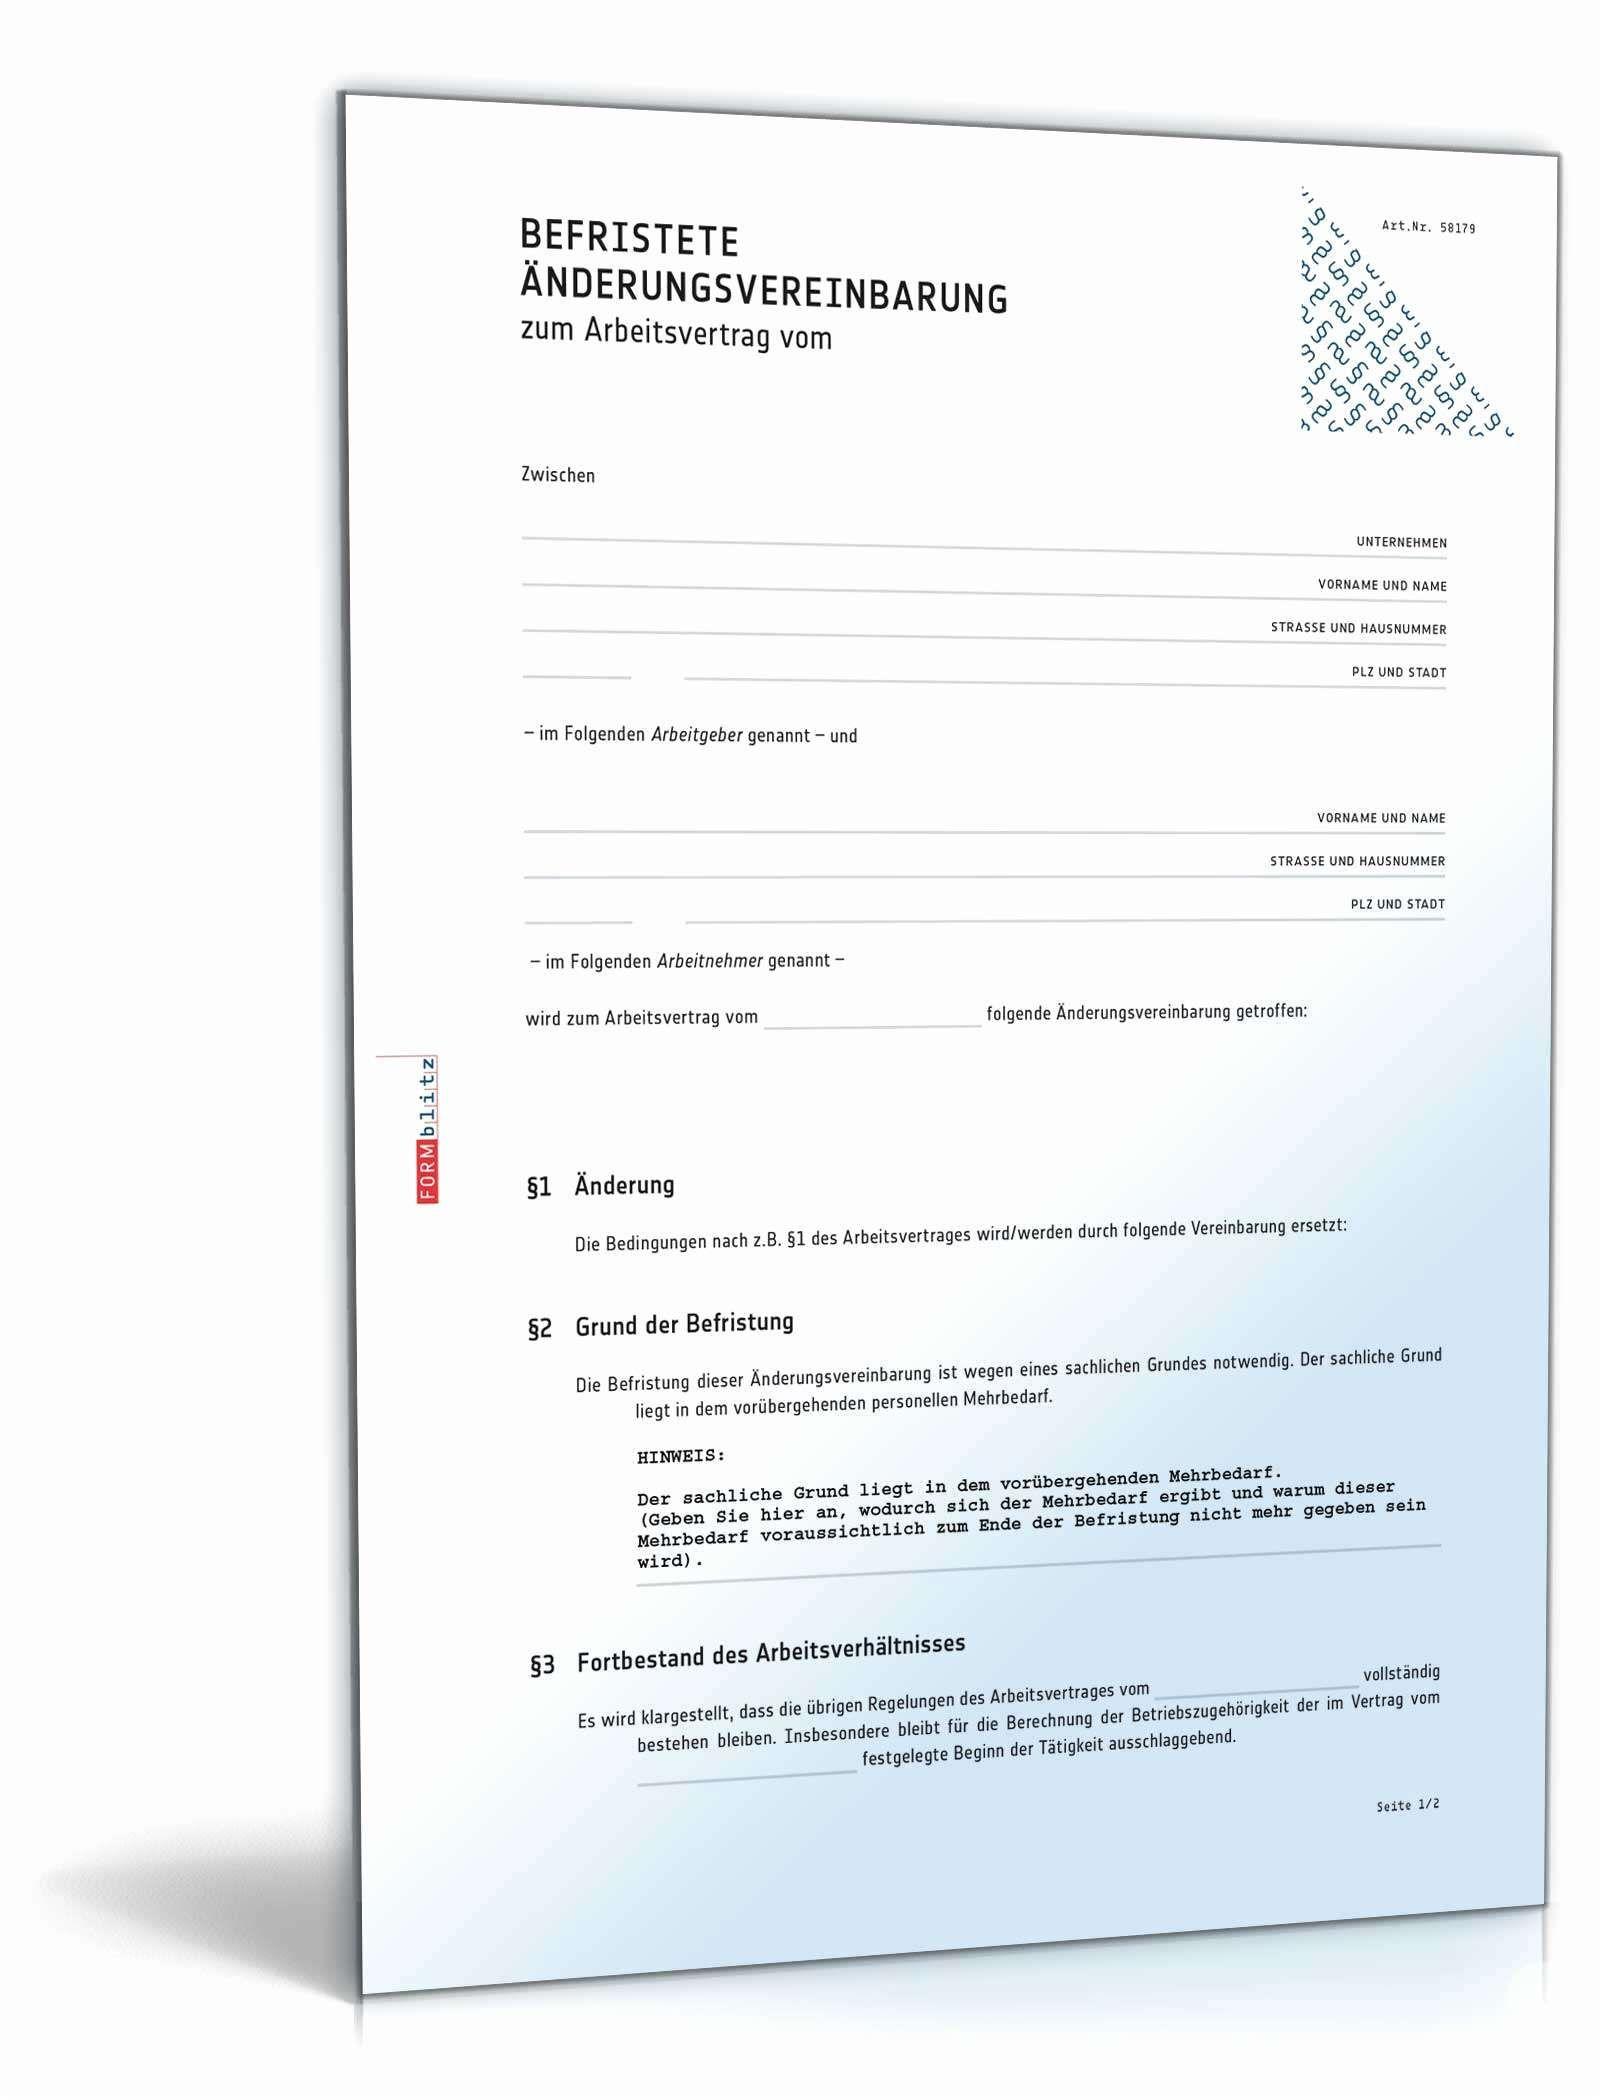 Charmantfrohlich Kundigungsschreiben Vorlage Arbeitgeber In 2020 Vorlagen Word Excel Vorlage Rechnung Vorlage